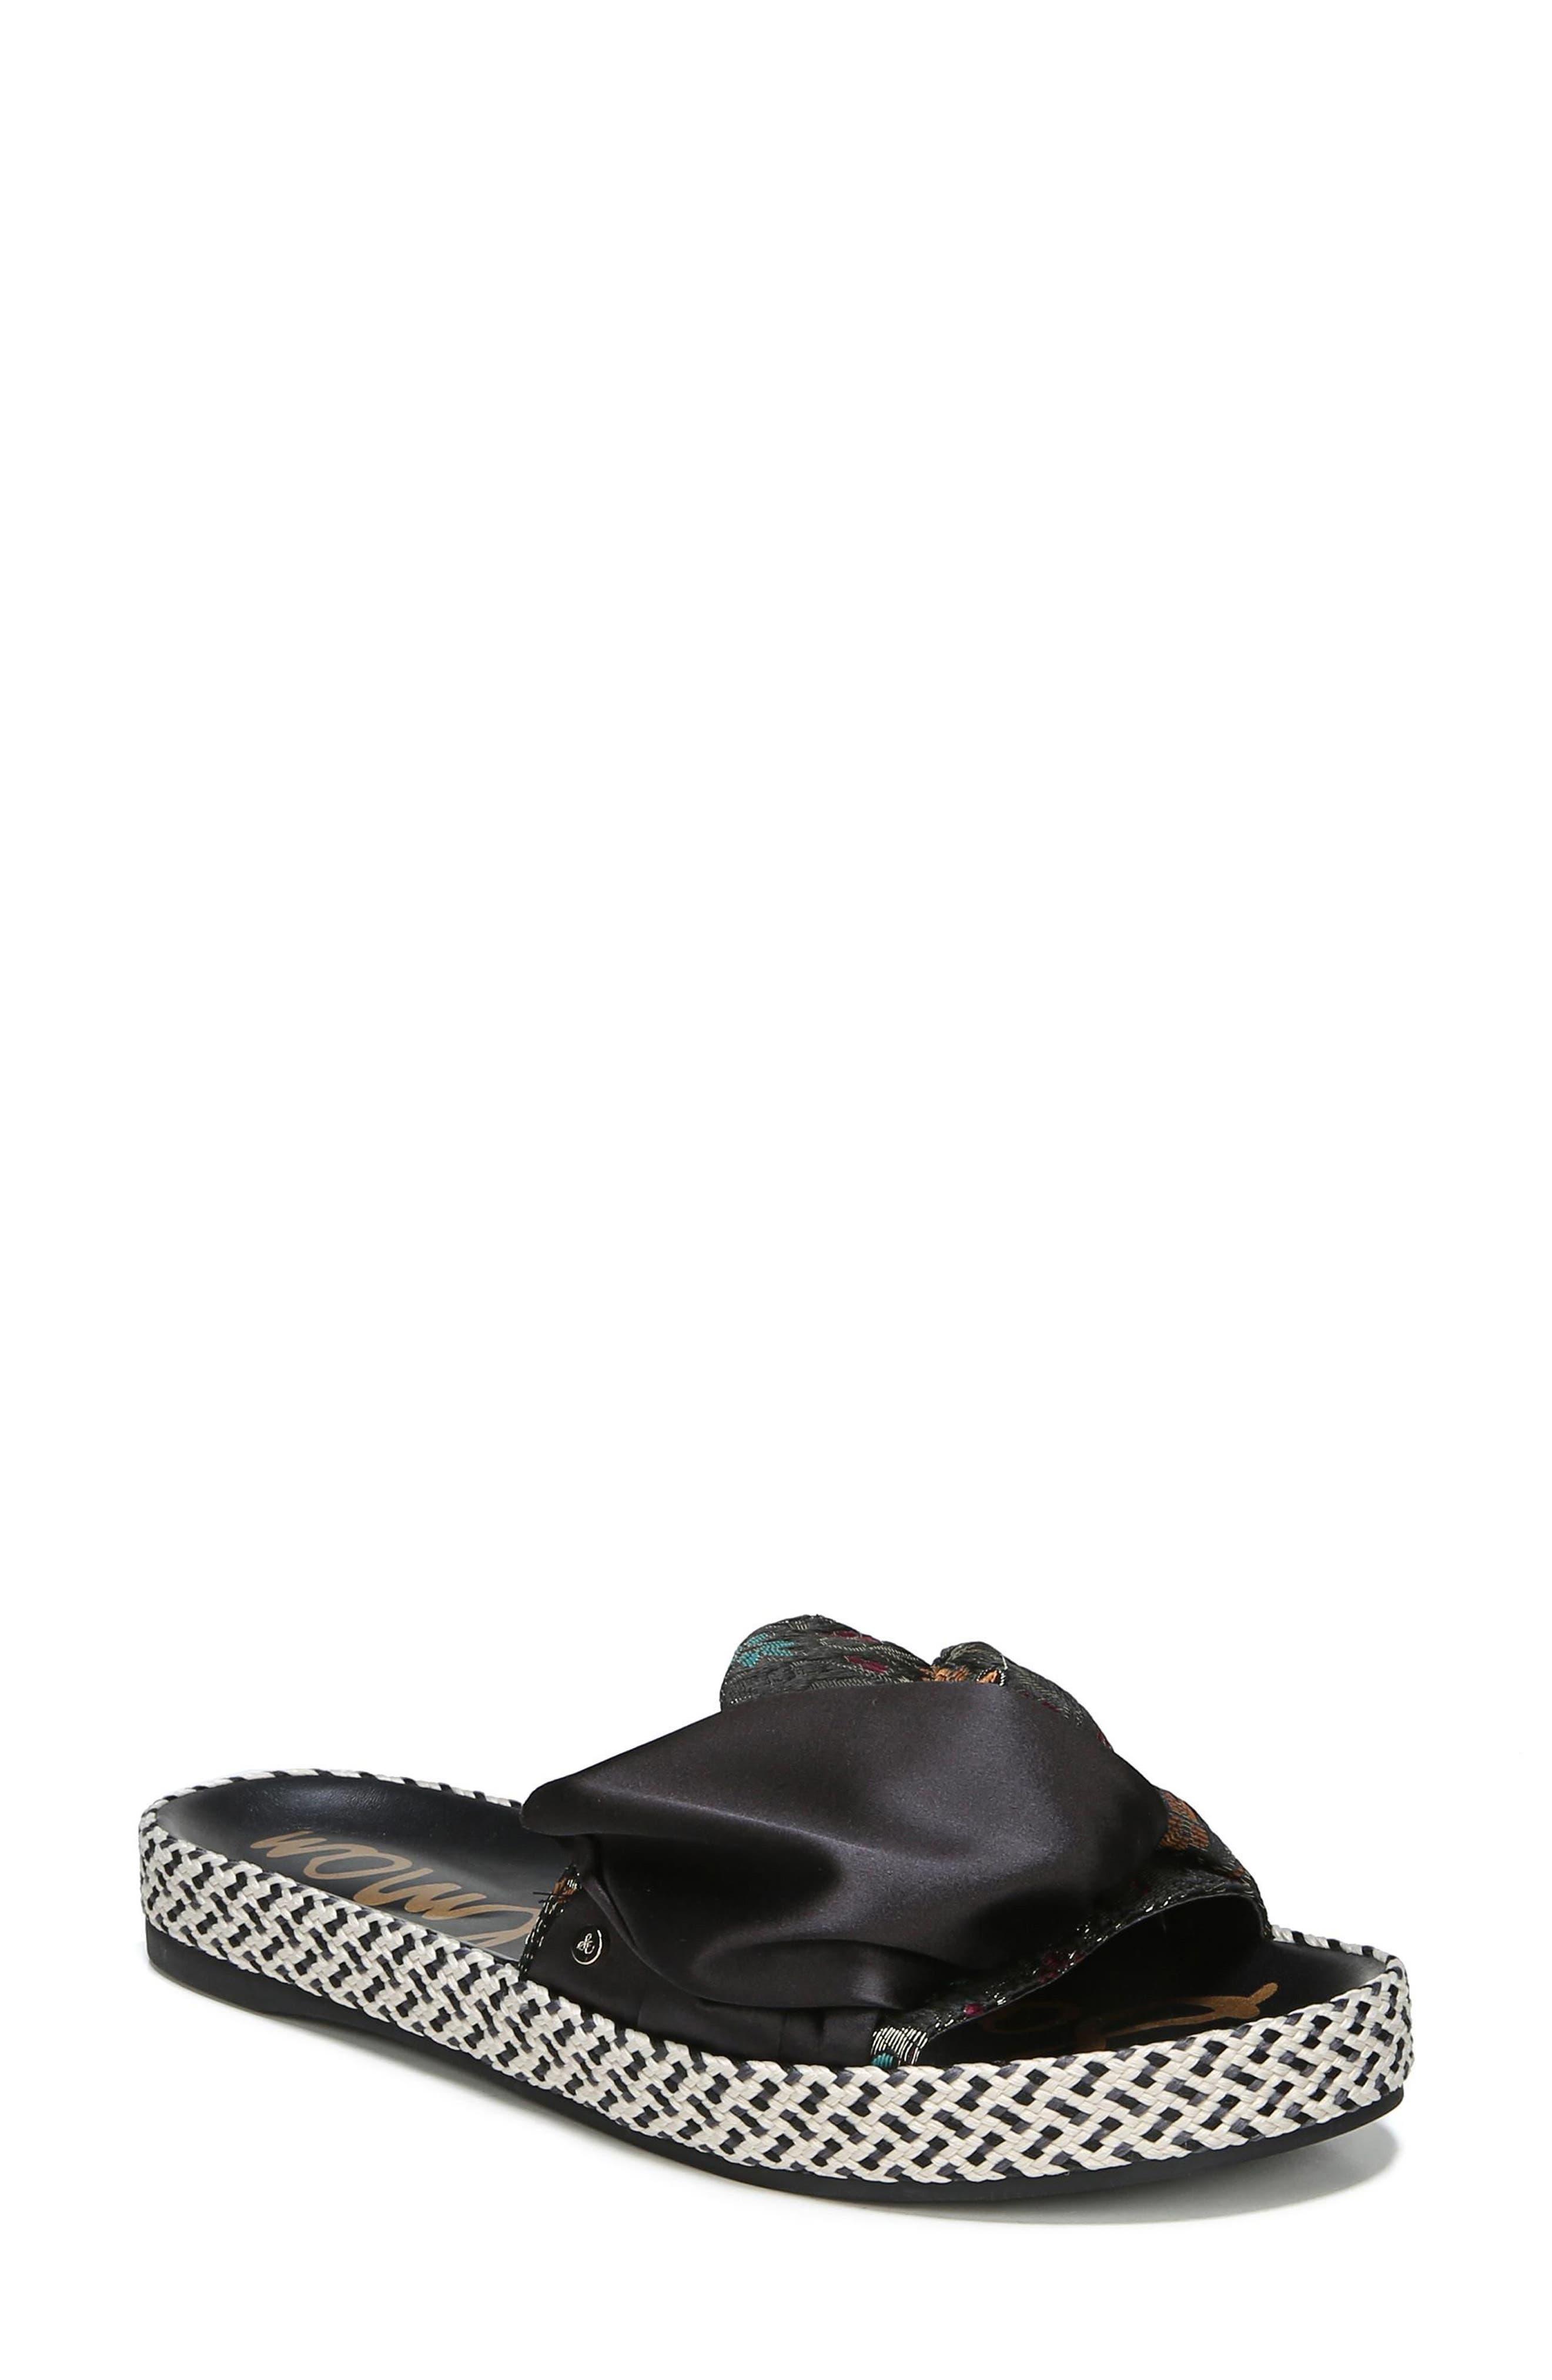 Bodie Slide Sandal,                         Main,                         color, 001